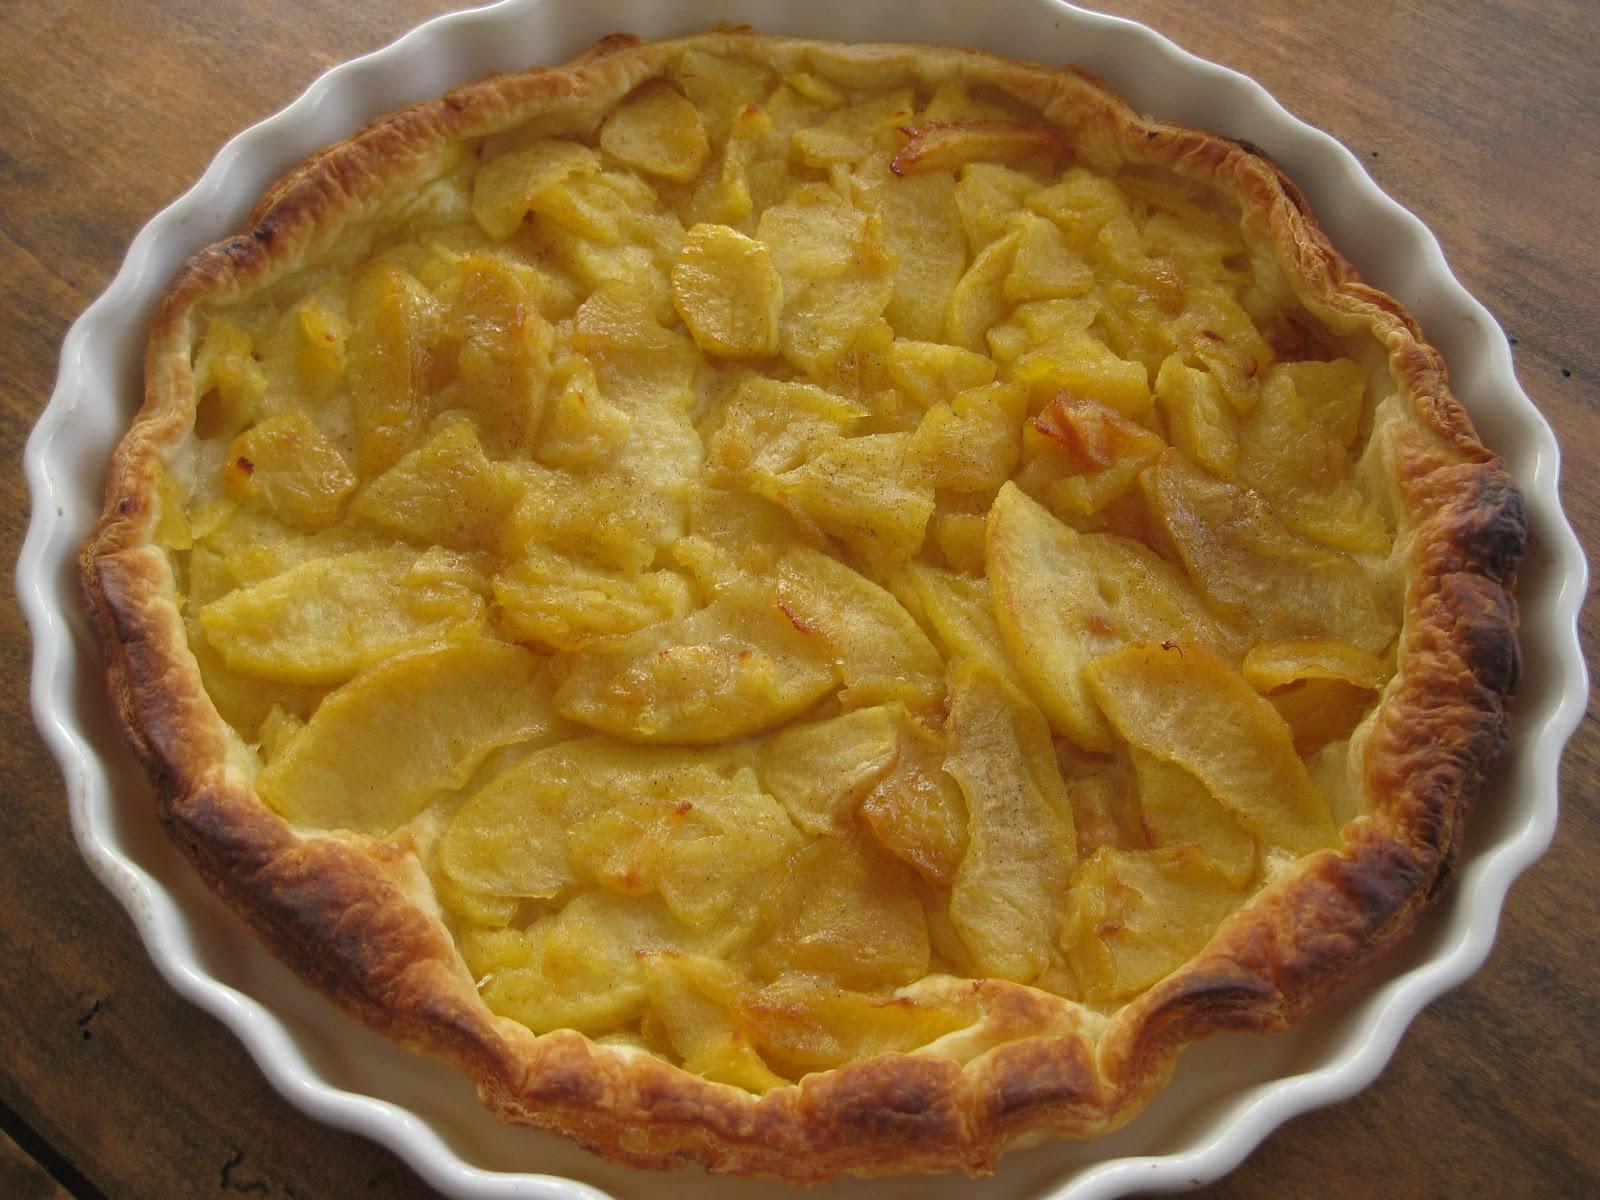 La cuisine de nanette tarte aux pommes caram lis es - Feuillete aux pommes caramelisees ...